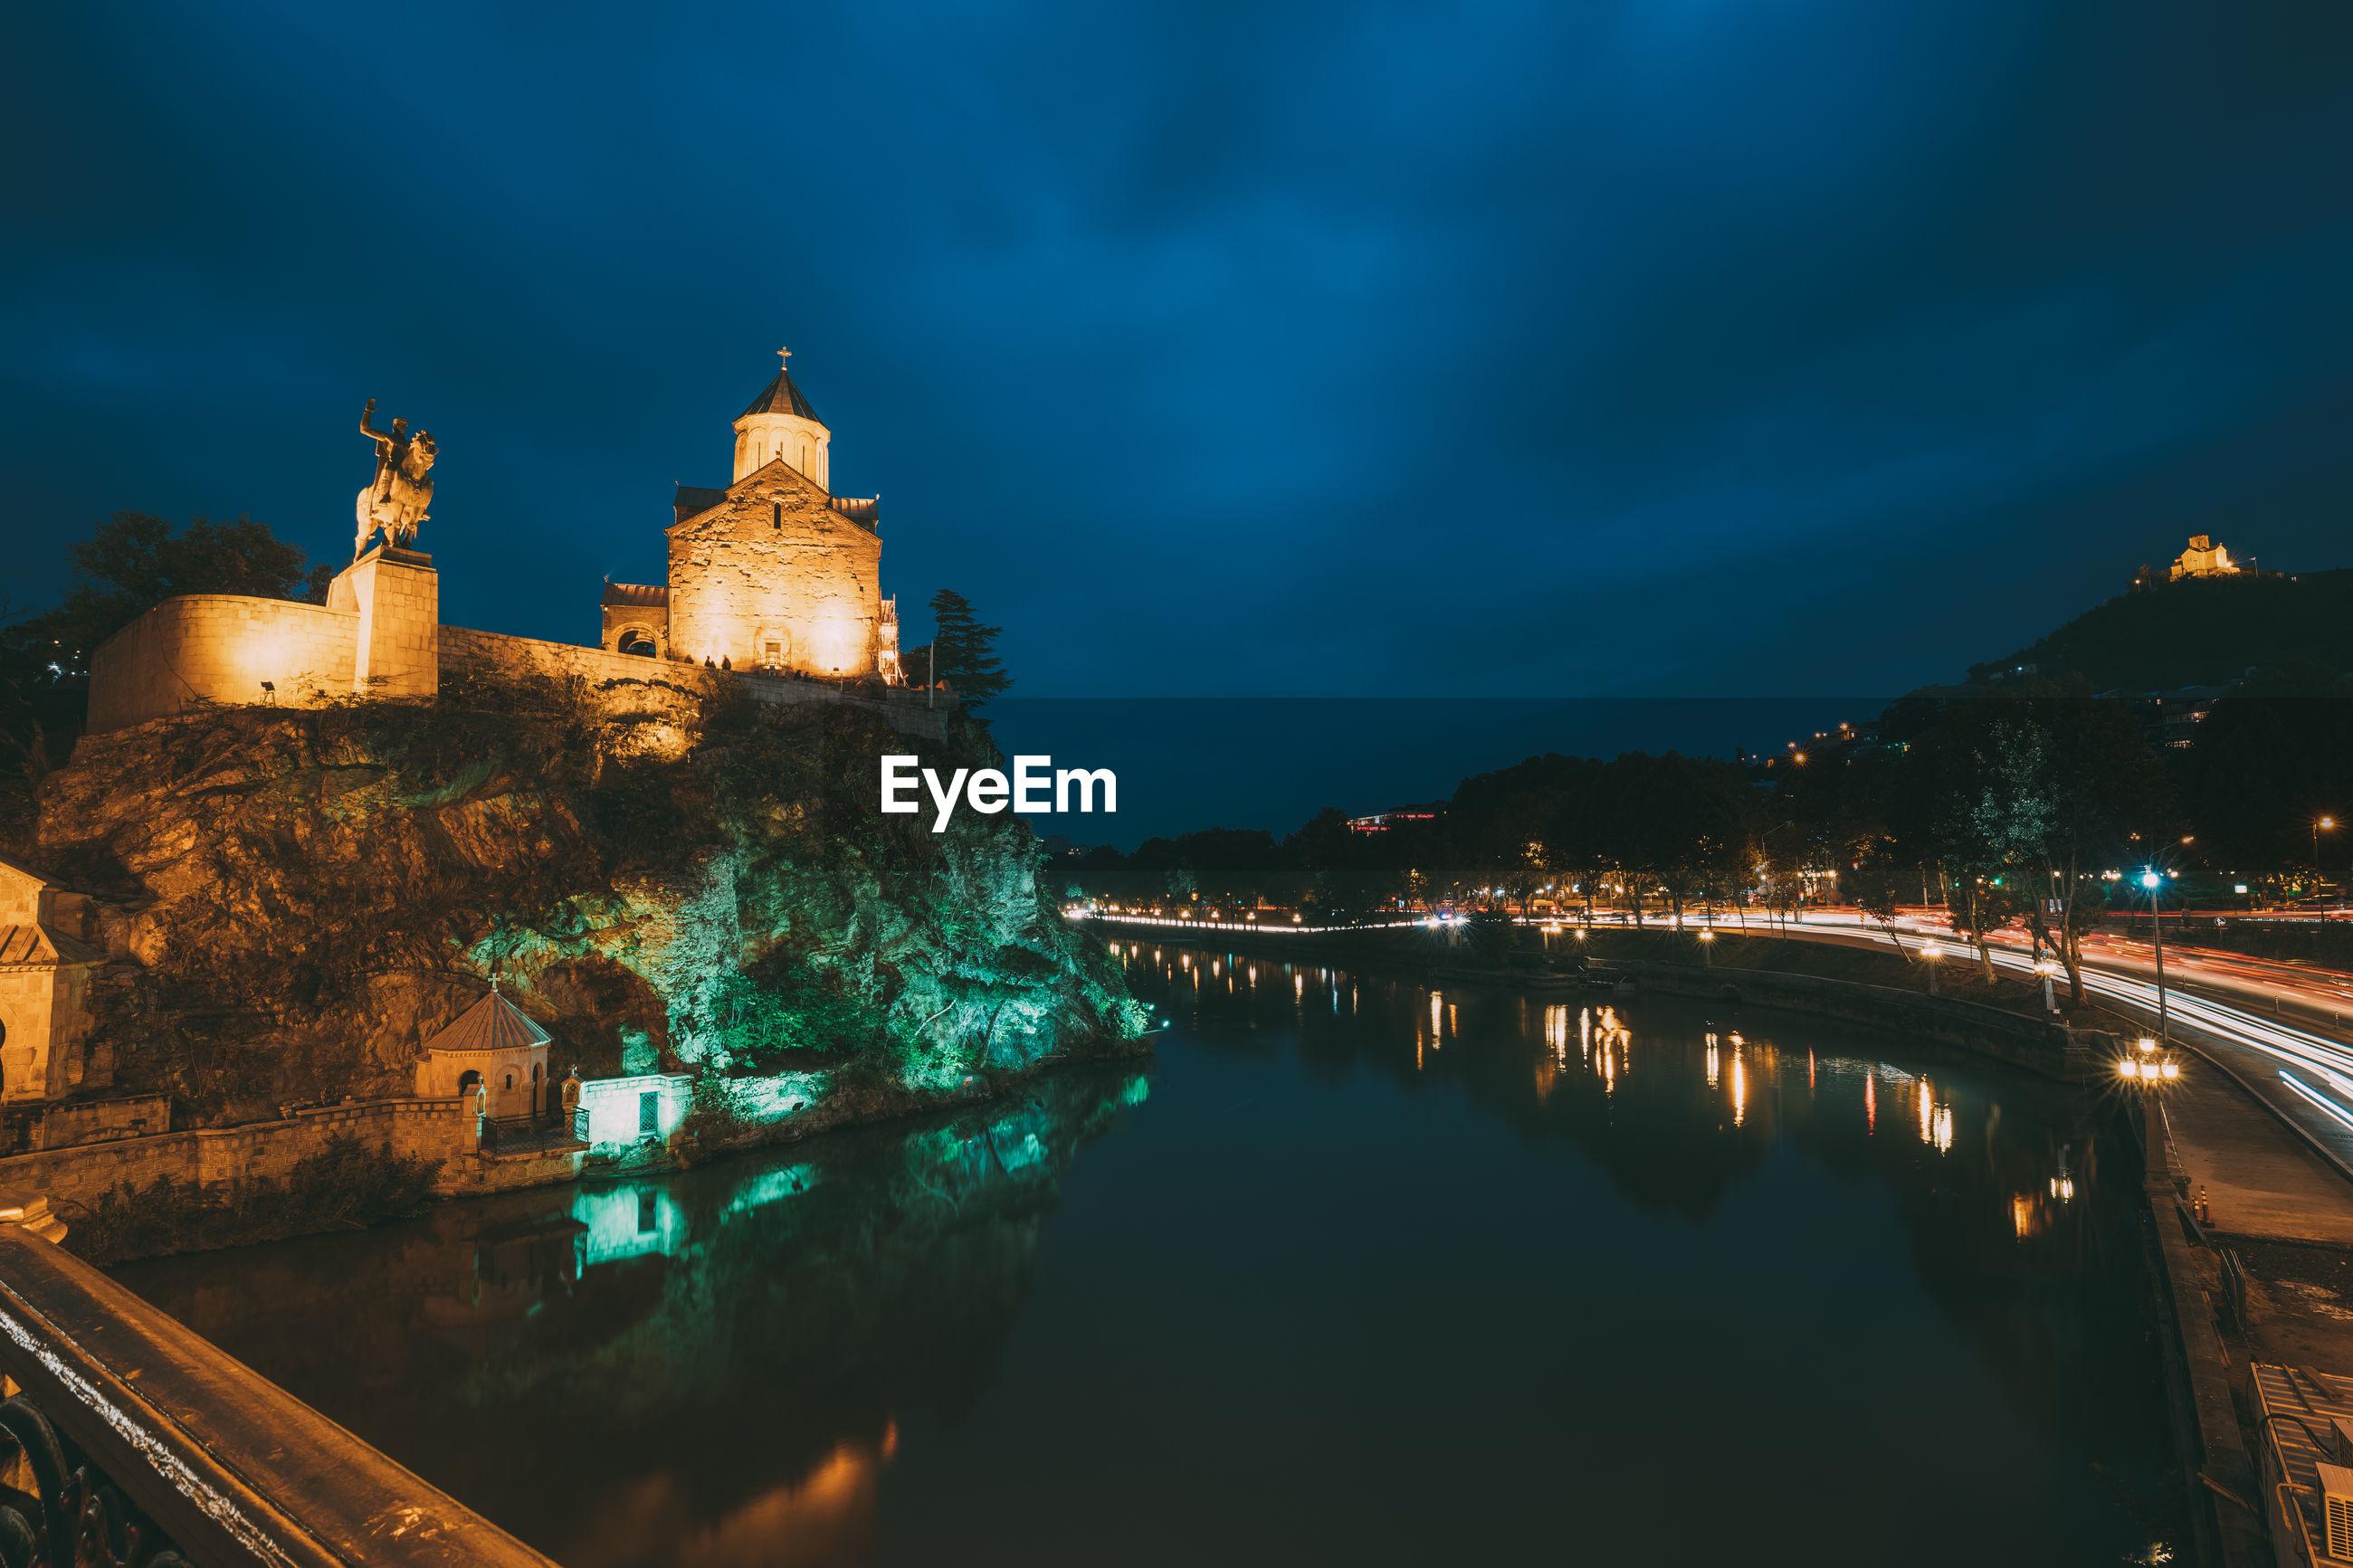 Illuminated historic buildings on mountain at night